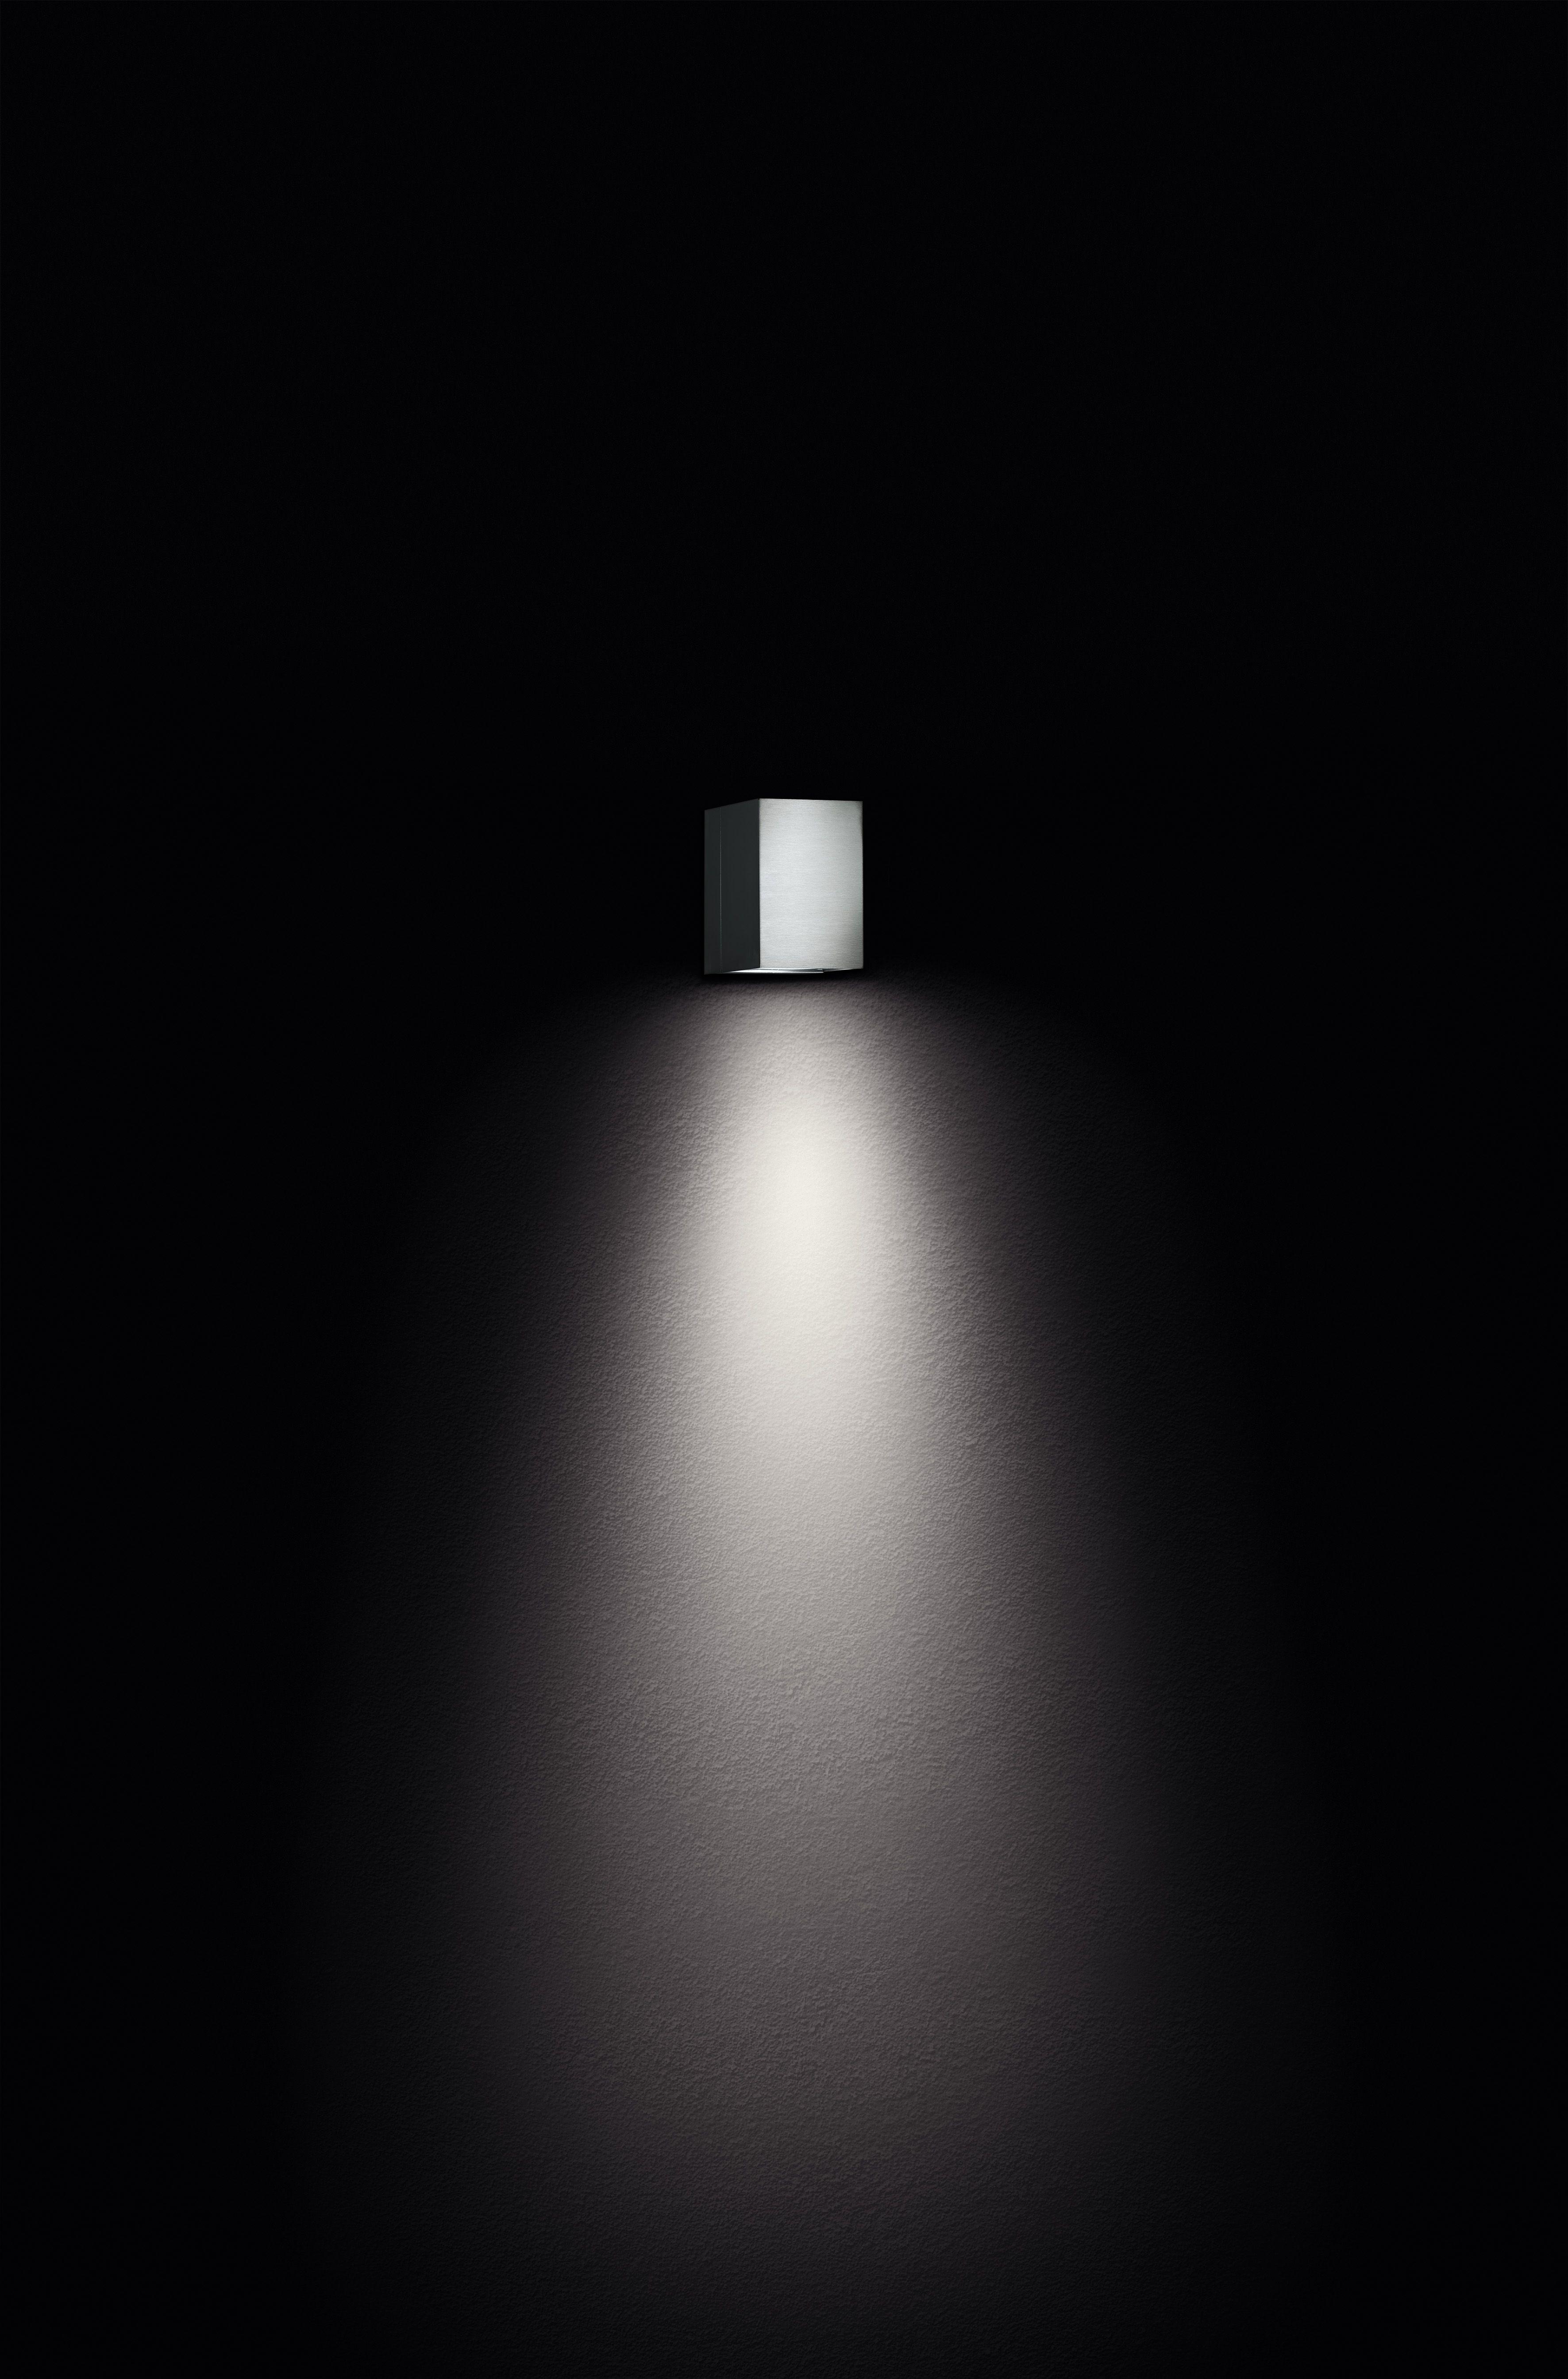 Außenleuchte . Wall Luminaire . Wandleuchte . Stainless Steel . Edelstahl